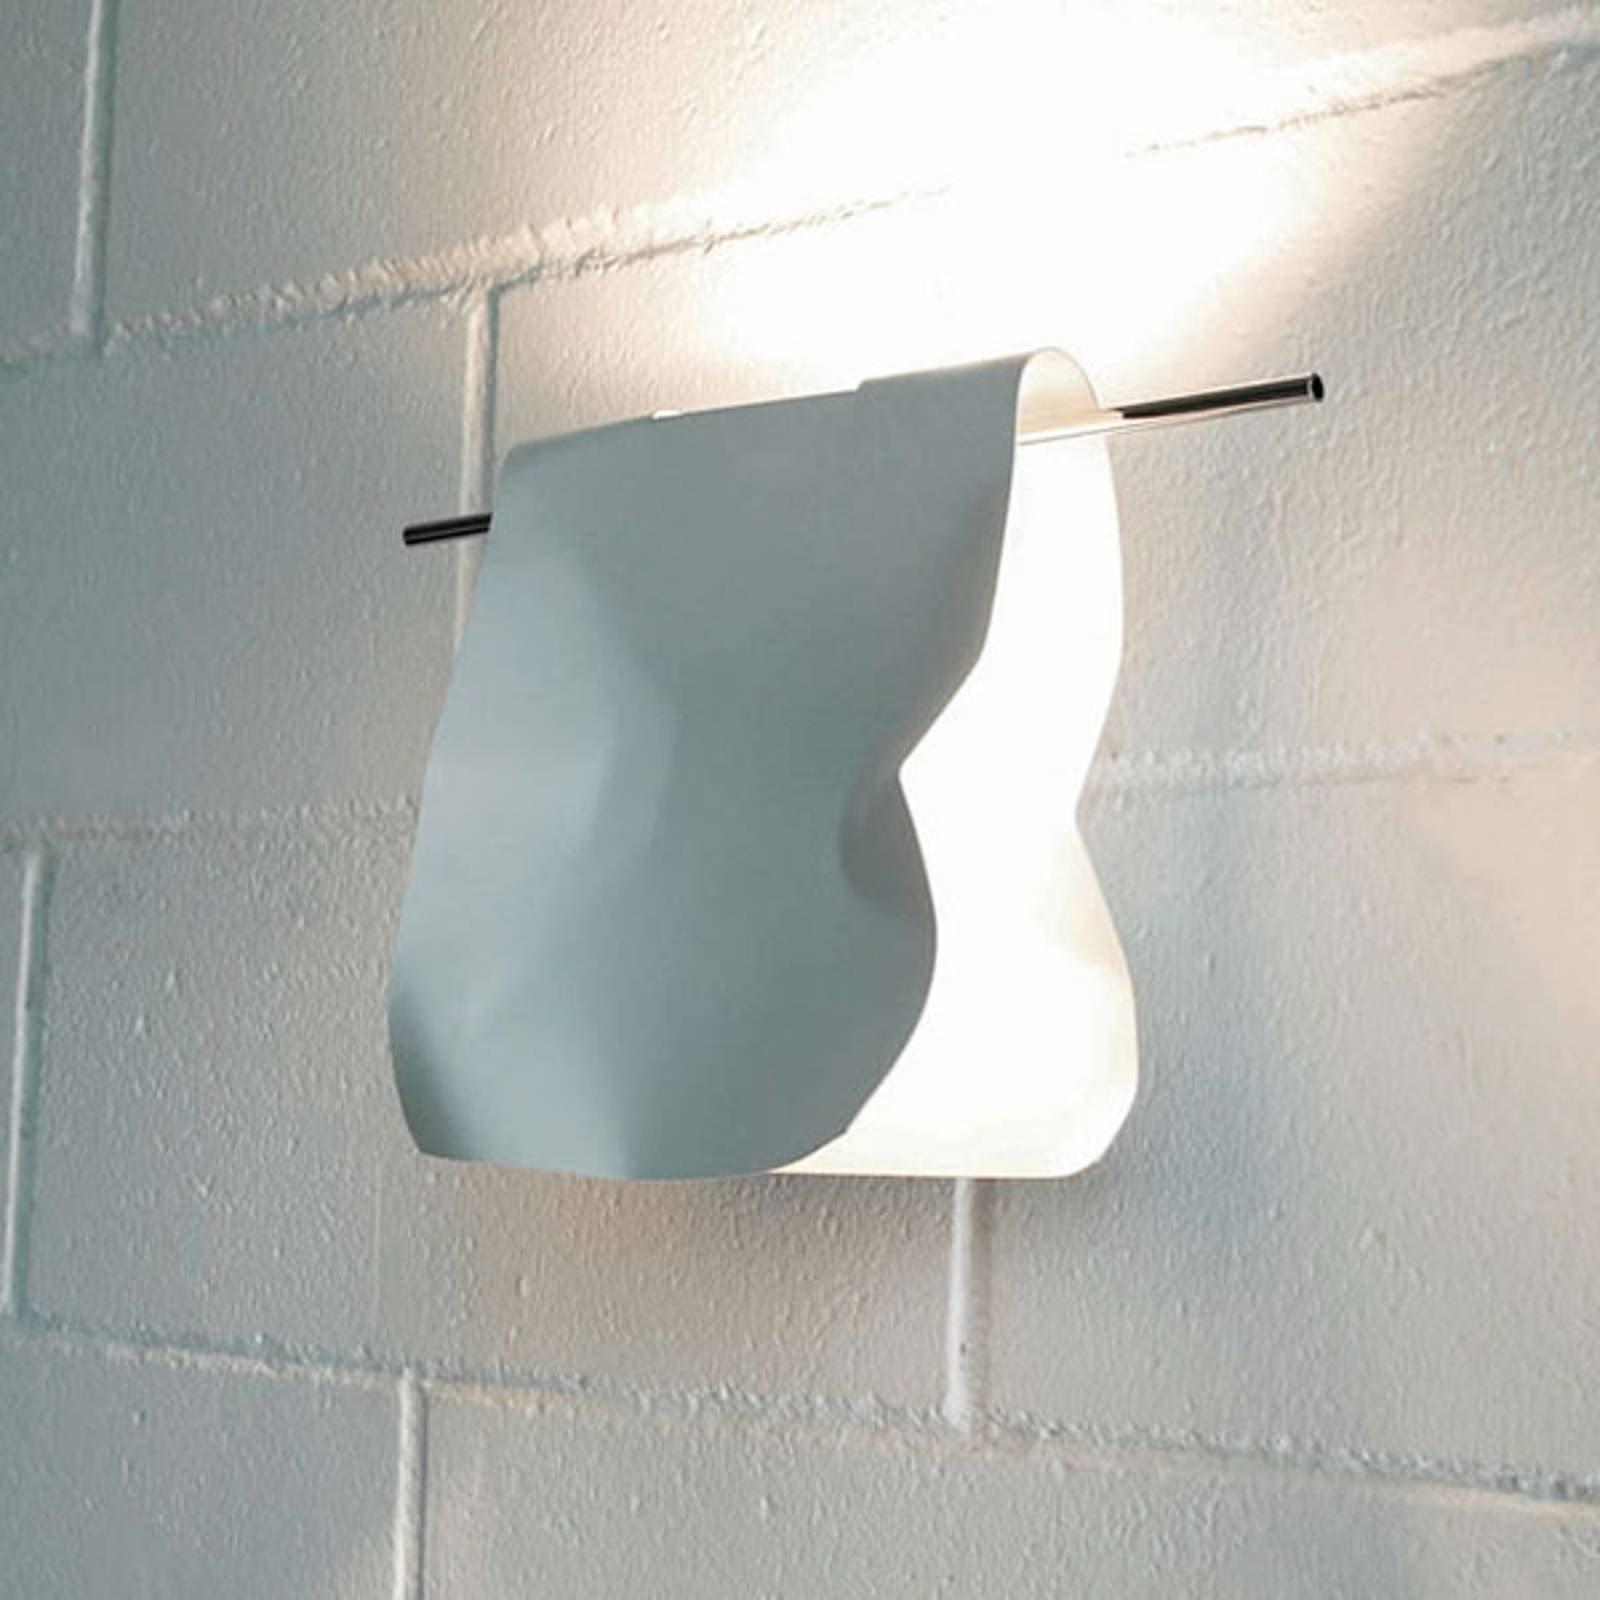 Knikerboker Stendimi - LED-vegglampe, hvit